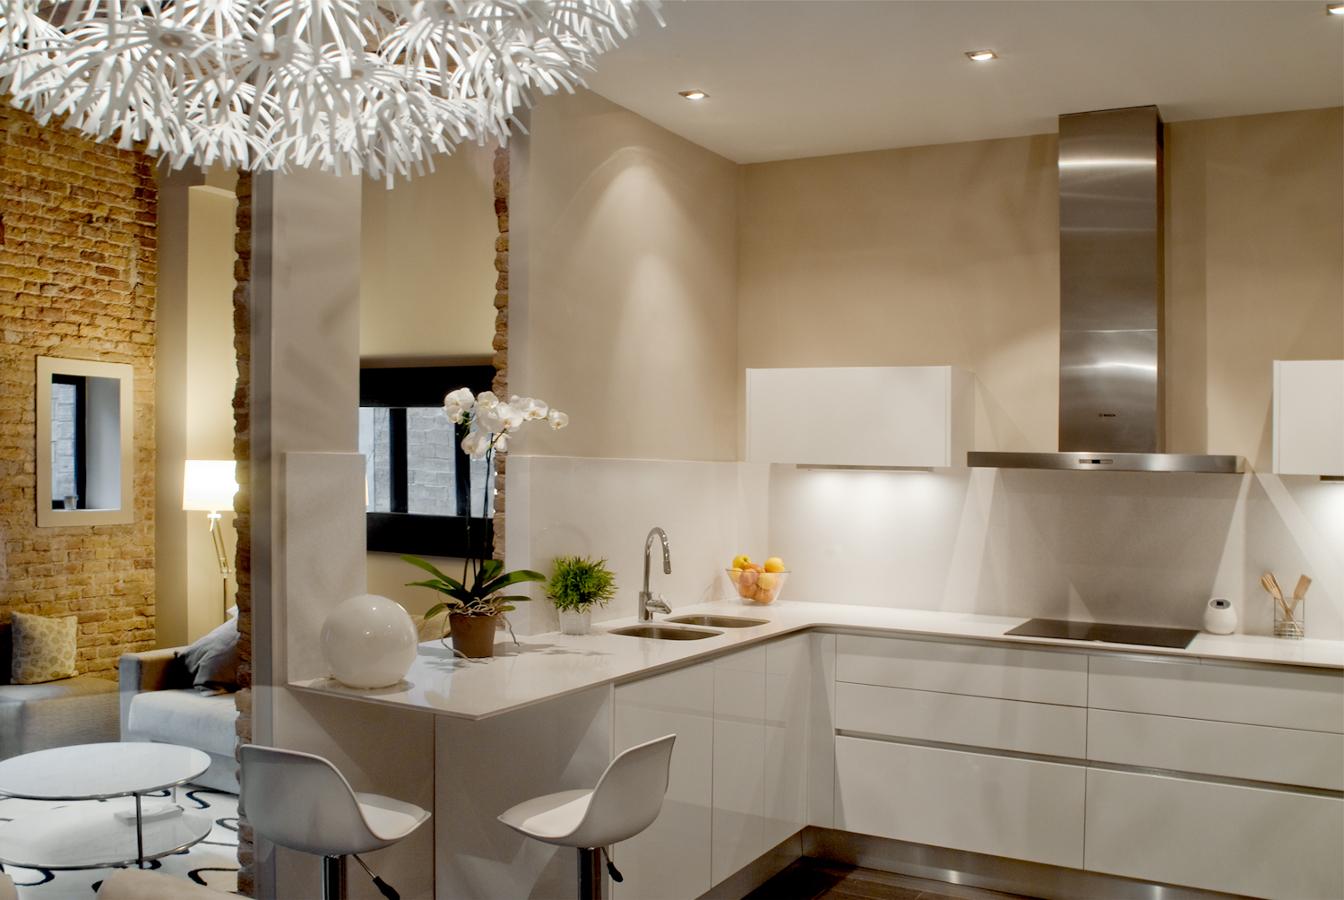 Una reforma low cost y con sorpresa ideas reformas viviendas - Cocinas pequenas decoracion ...